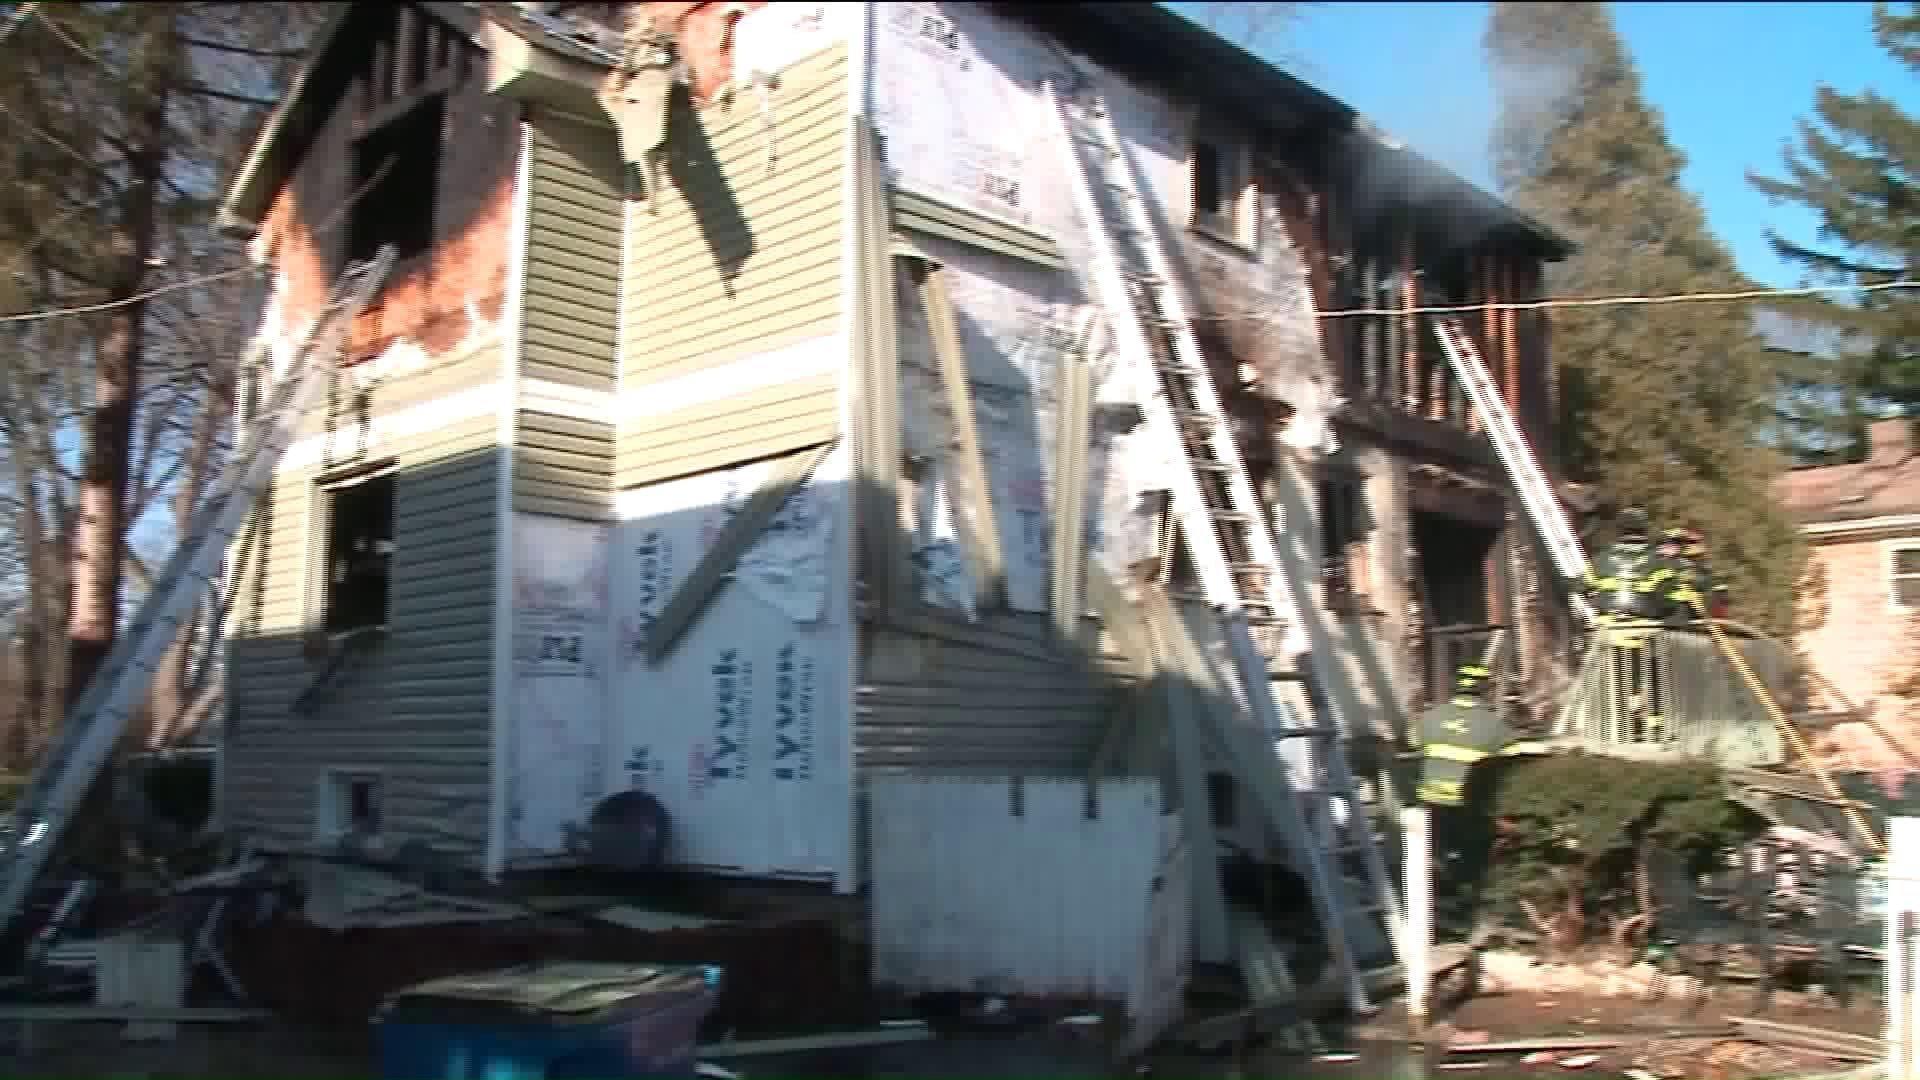 Christmas tree fire guts Lisle home, sends family to hospital